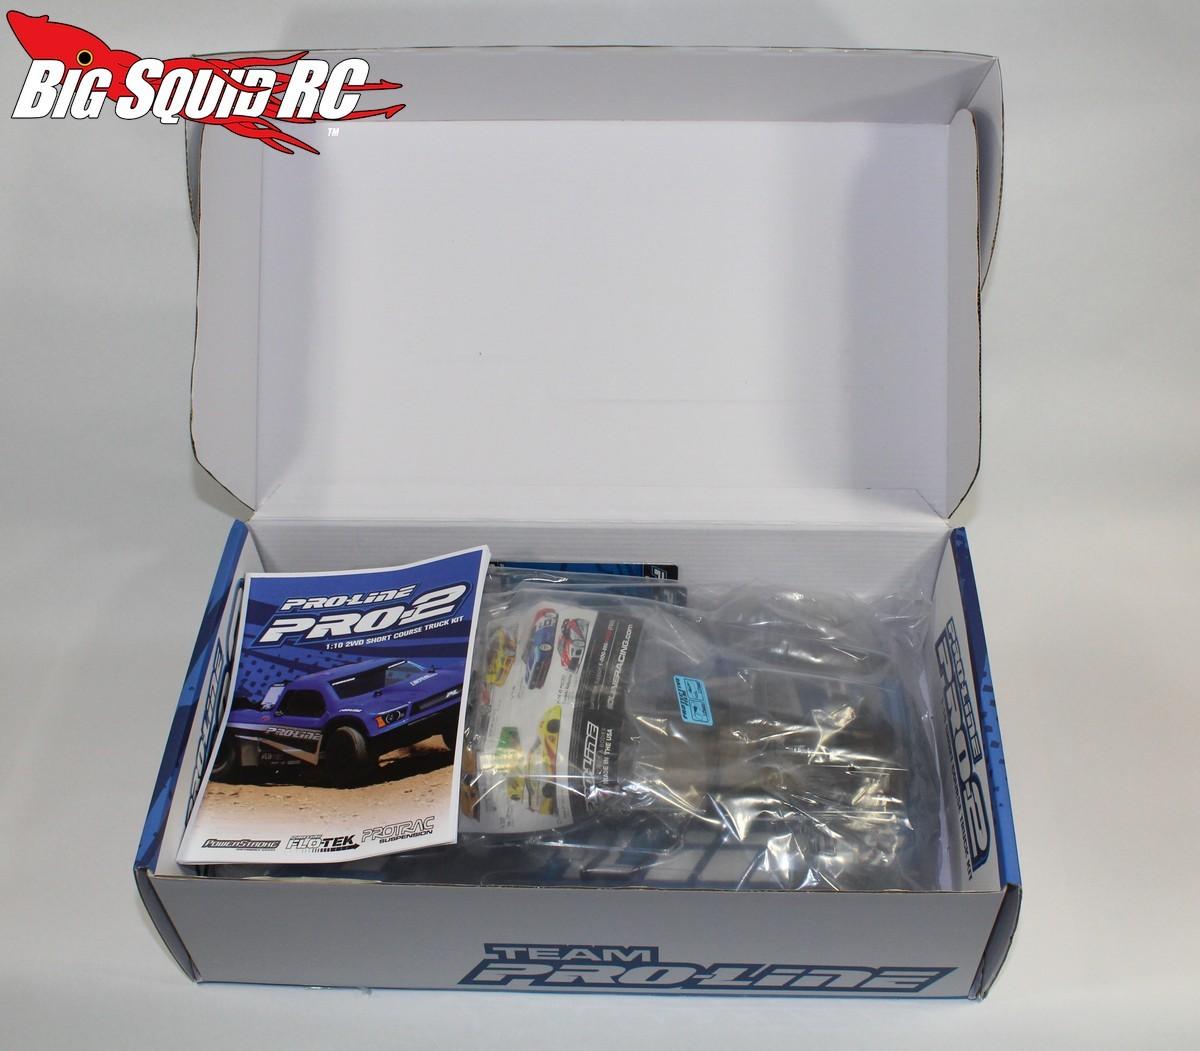 proline propose un SC en kit ... Pro-Line-Pro-2-Short-Course-Truck-Kit-Unboxing_00006